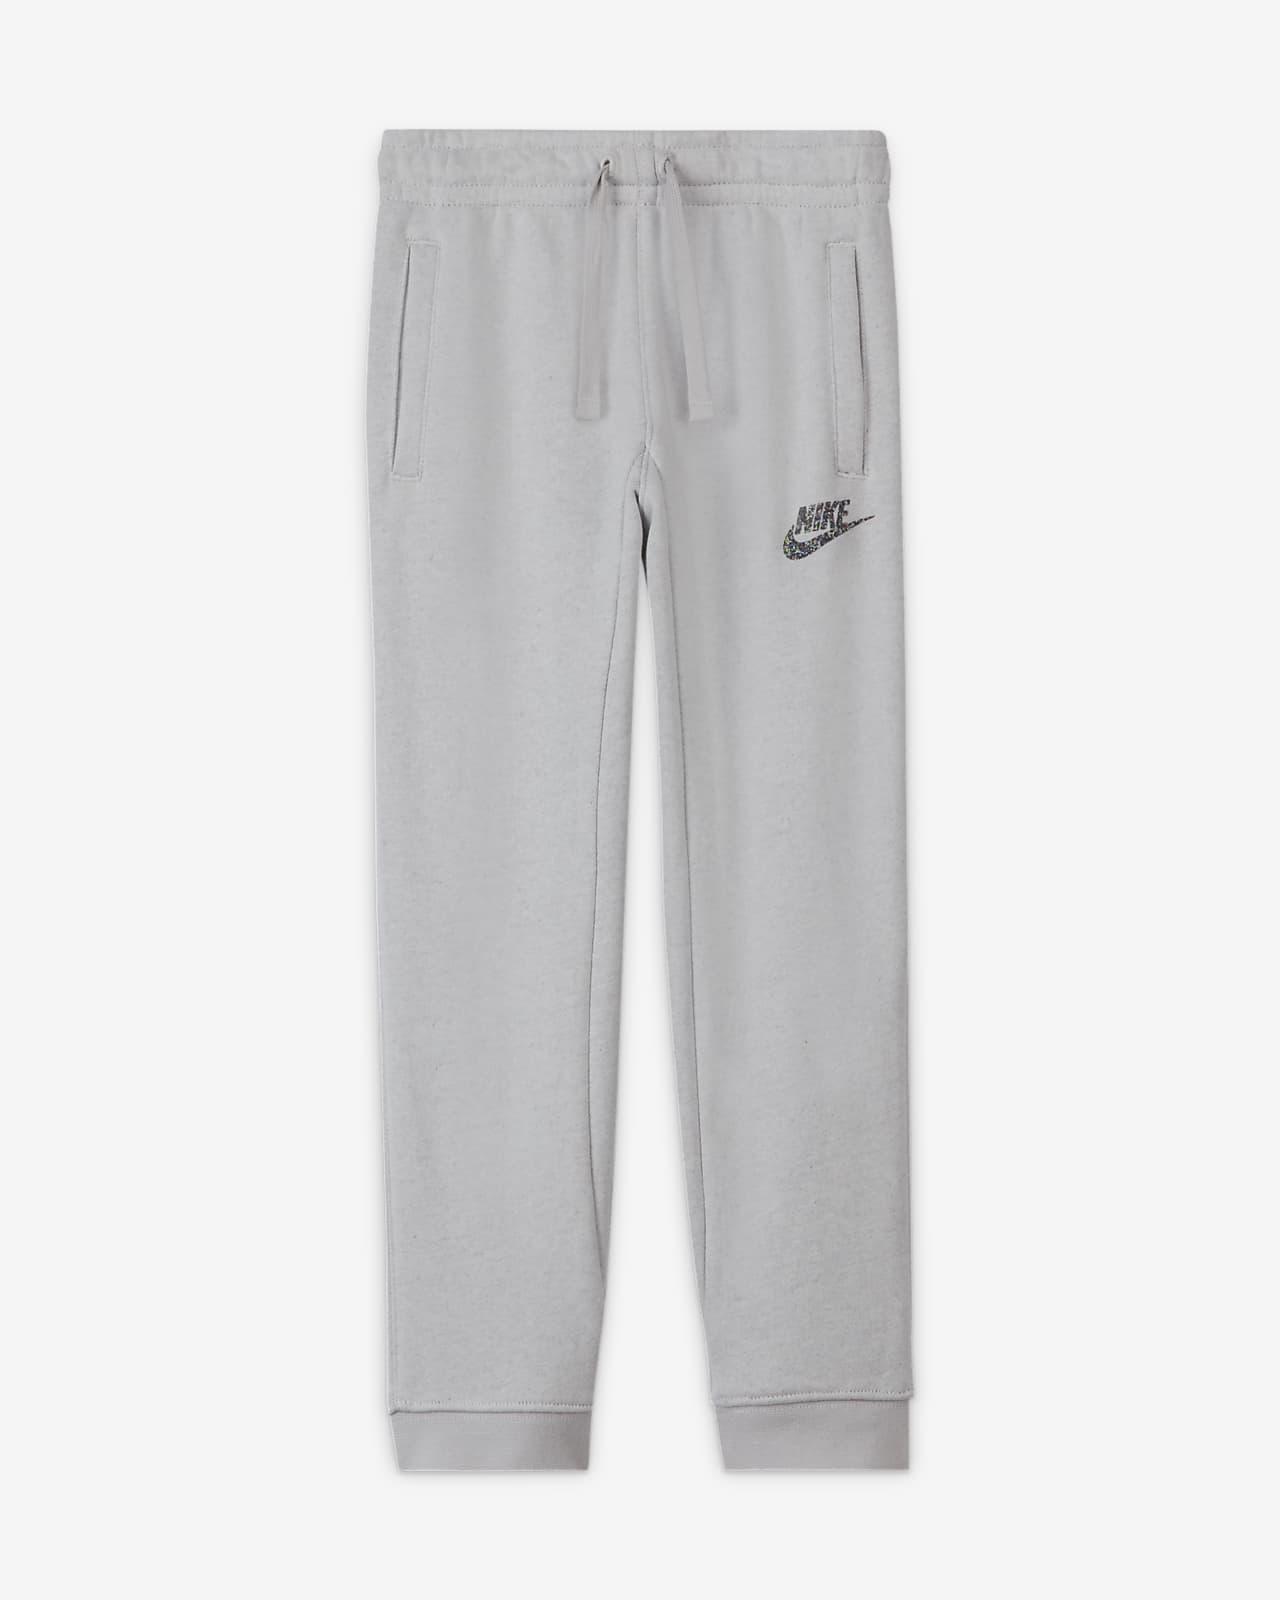 Nike Hose für jüngere Kinder